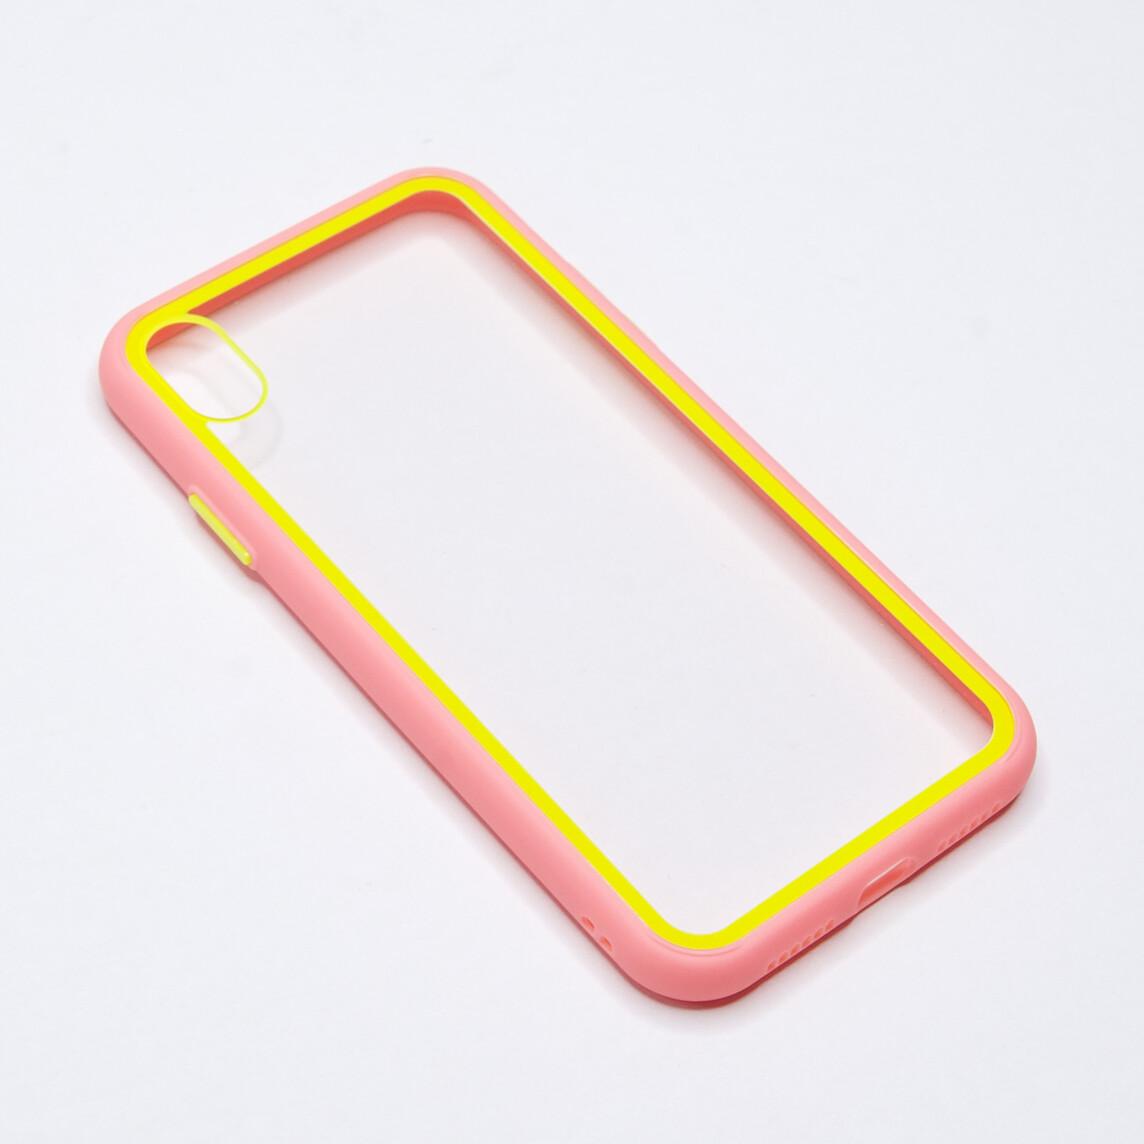 Estuche EL REY Marco De Color Rosado Y Parte De Atras Transparente - Iphone Xr